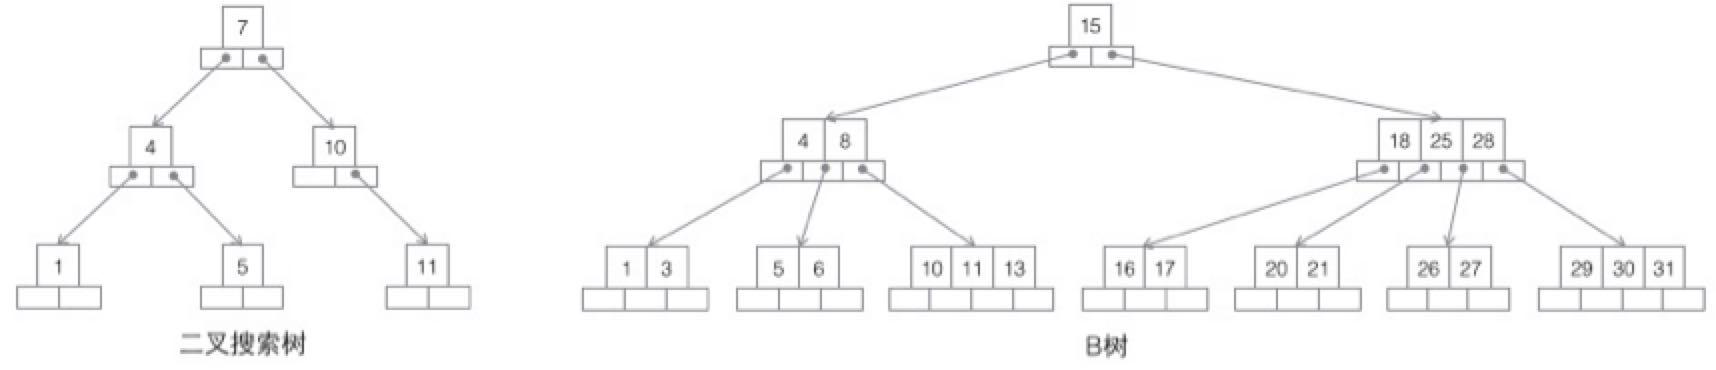 二叉树-B 树